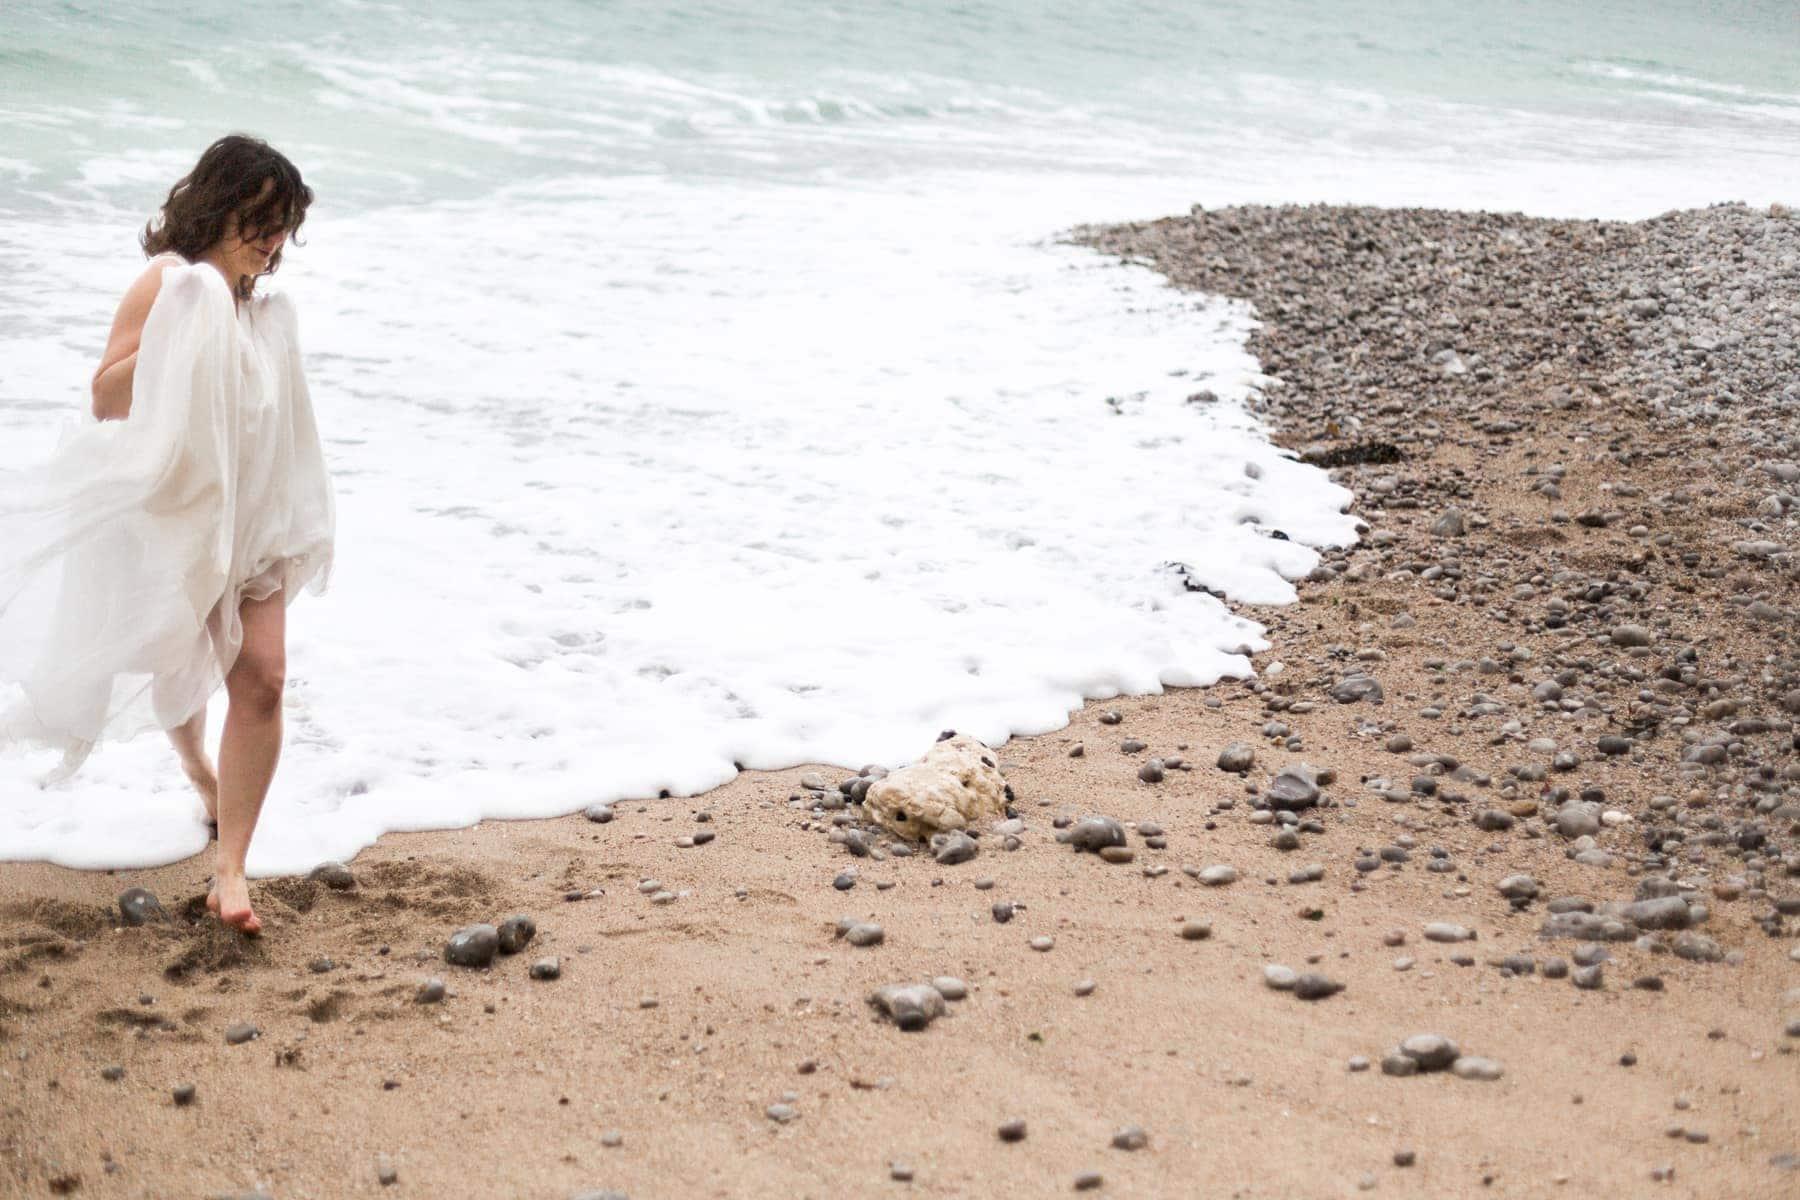 La mariée court dans l'eau, à la plage d'Etretat